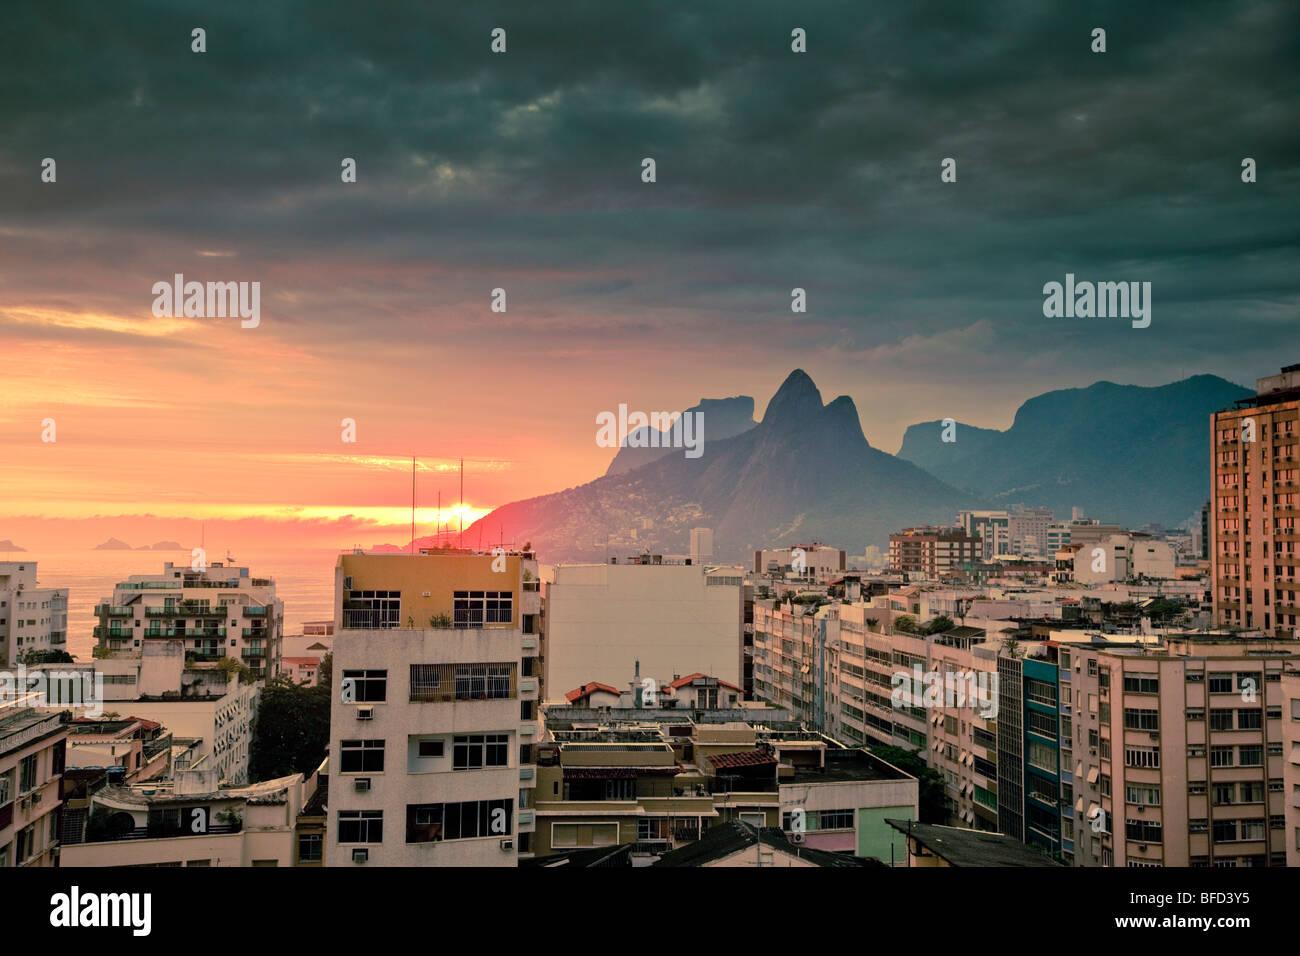 Voir plus haut des immeubles d'habitation et les montagnes au coucher du soleil à Ipanema Rio de Janeiro Brésil Banque D'Images